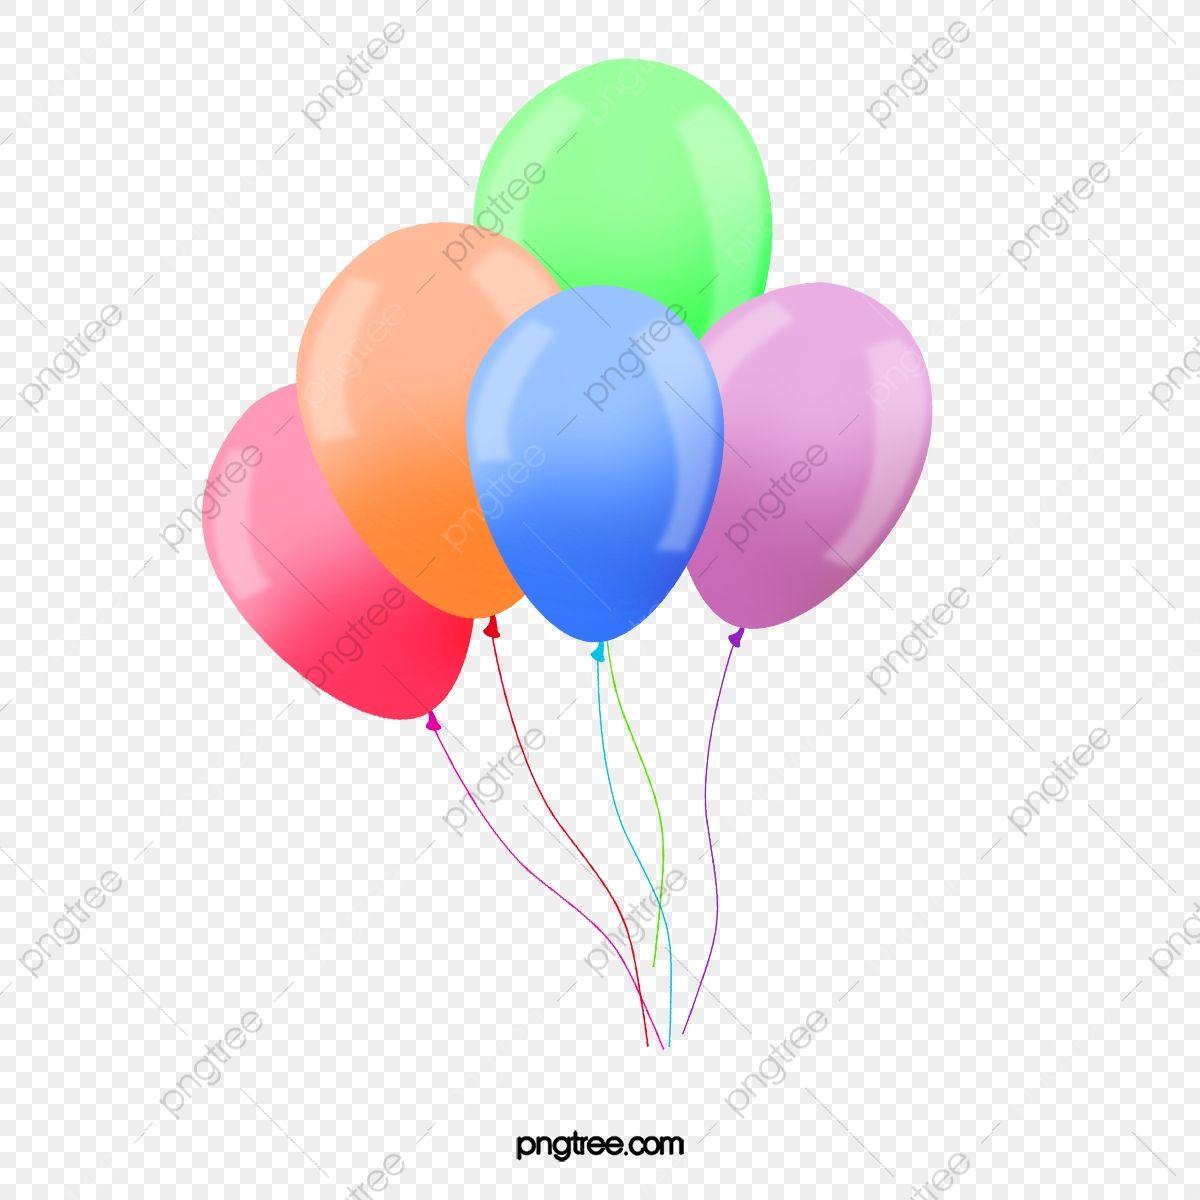 بالون بالون المبدع بالون الخلفية صور بالونات Png وملف Psd للتحميل مجانا Wallpaper Powerpoint Balloons Wallpaper